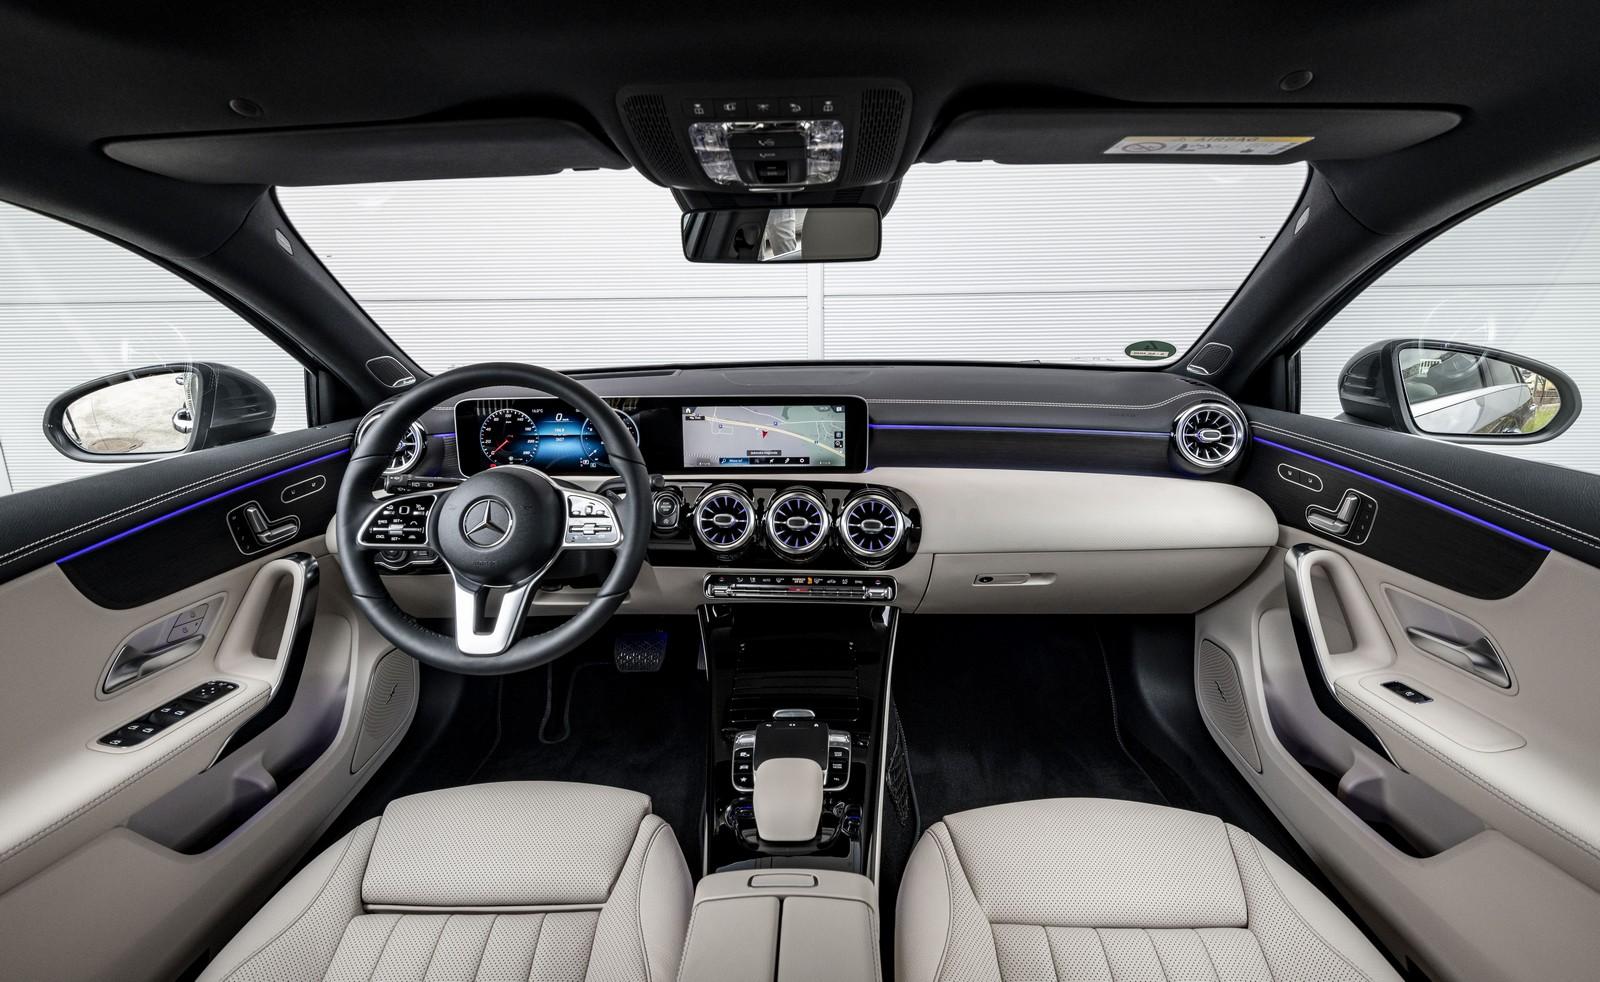 Σημαντικά αναβαθμισμένο το εσωτερικό της νέας A-Class.